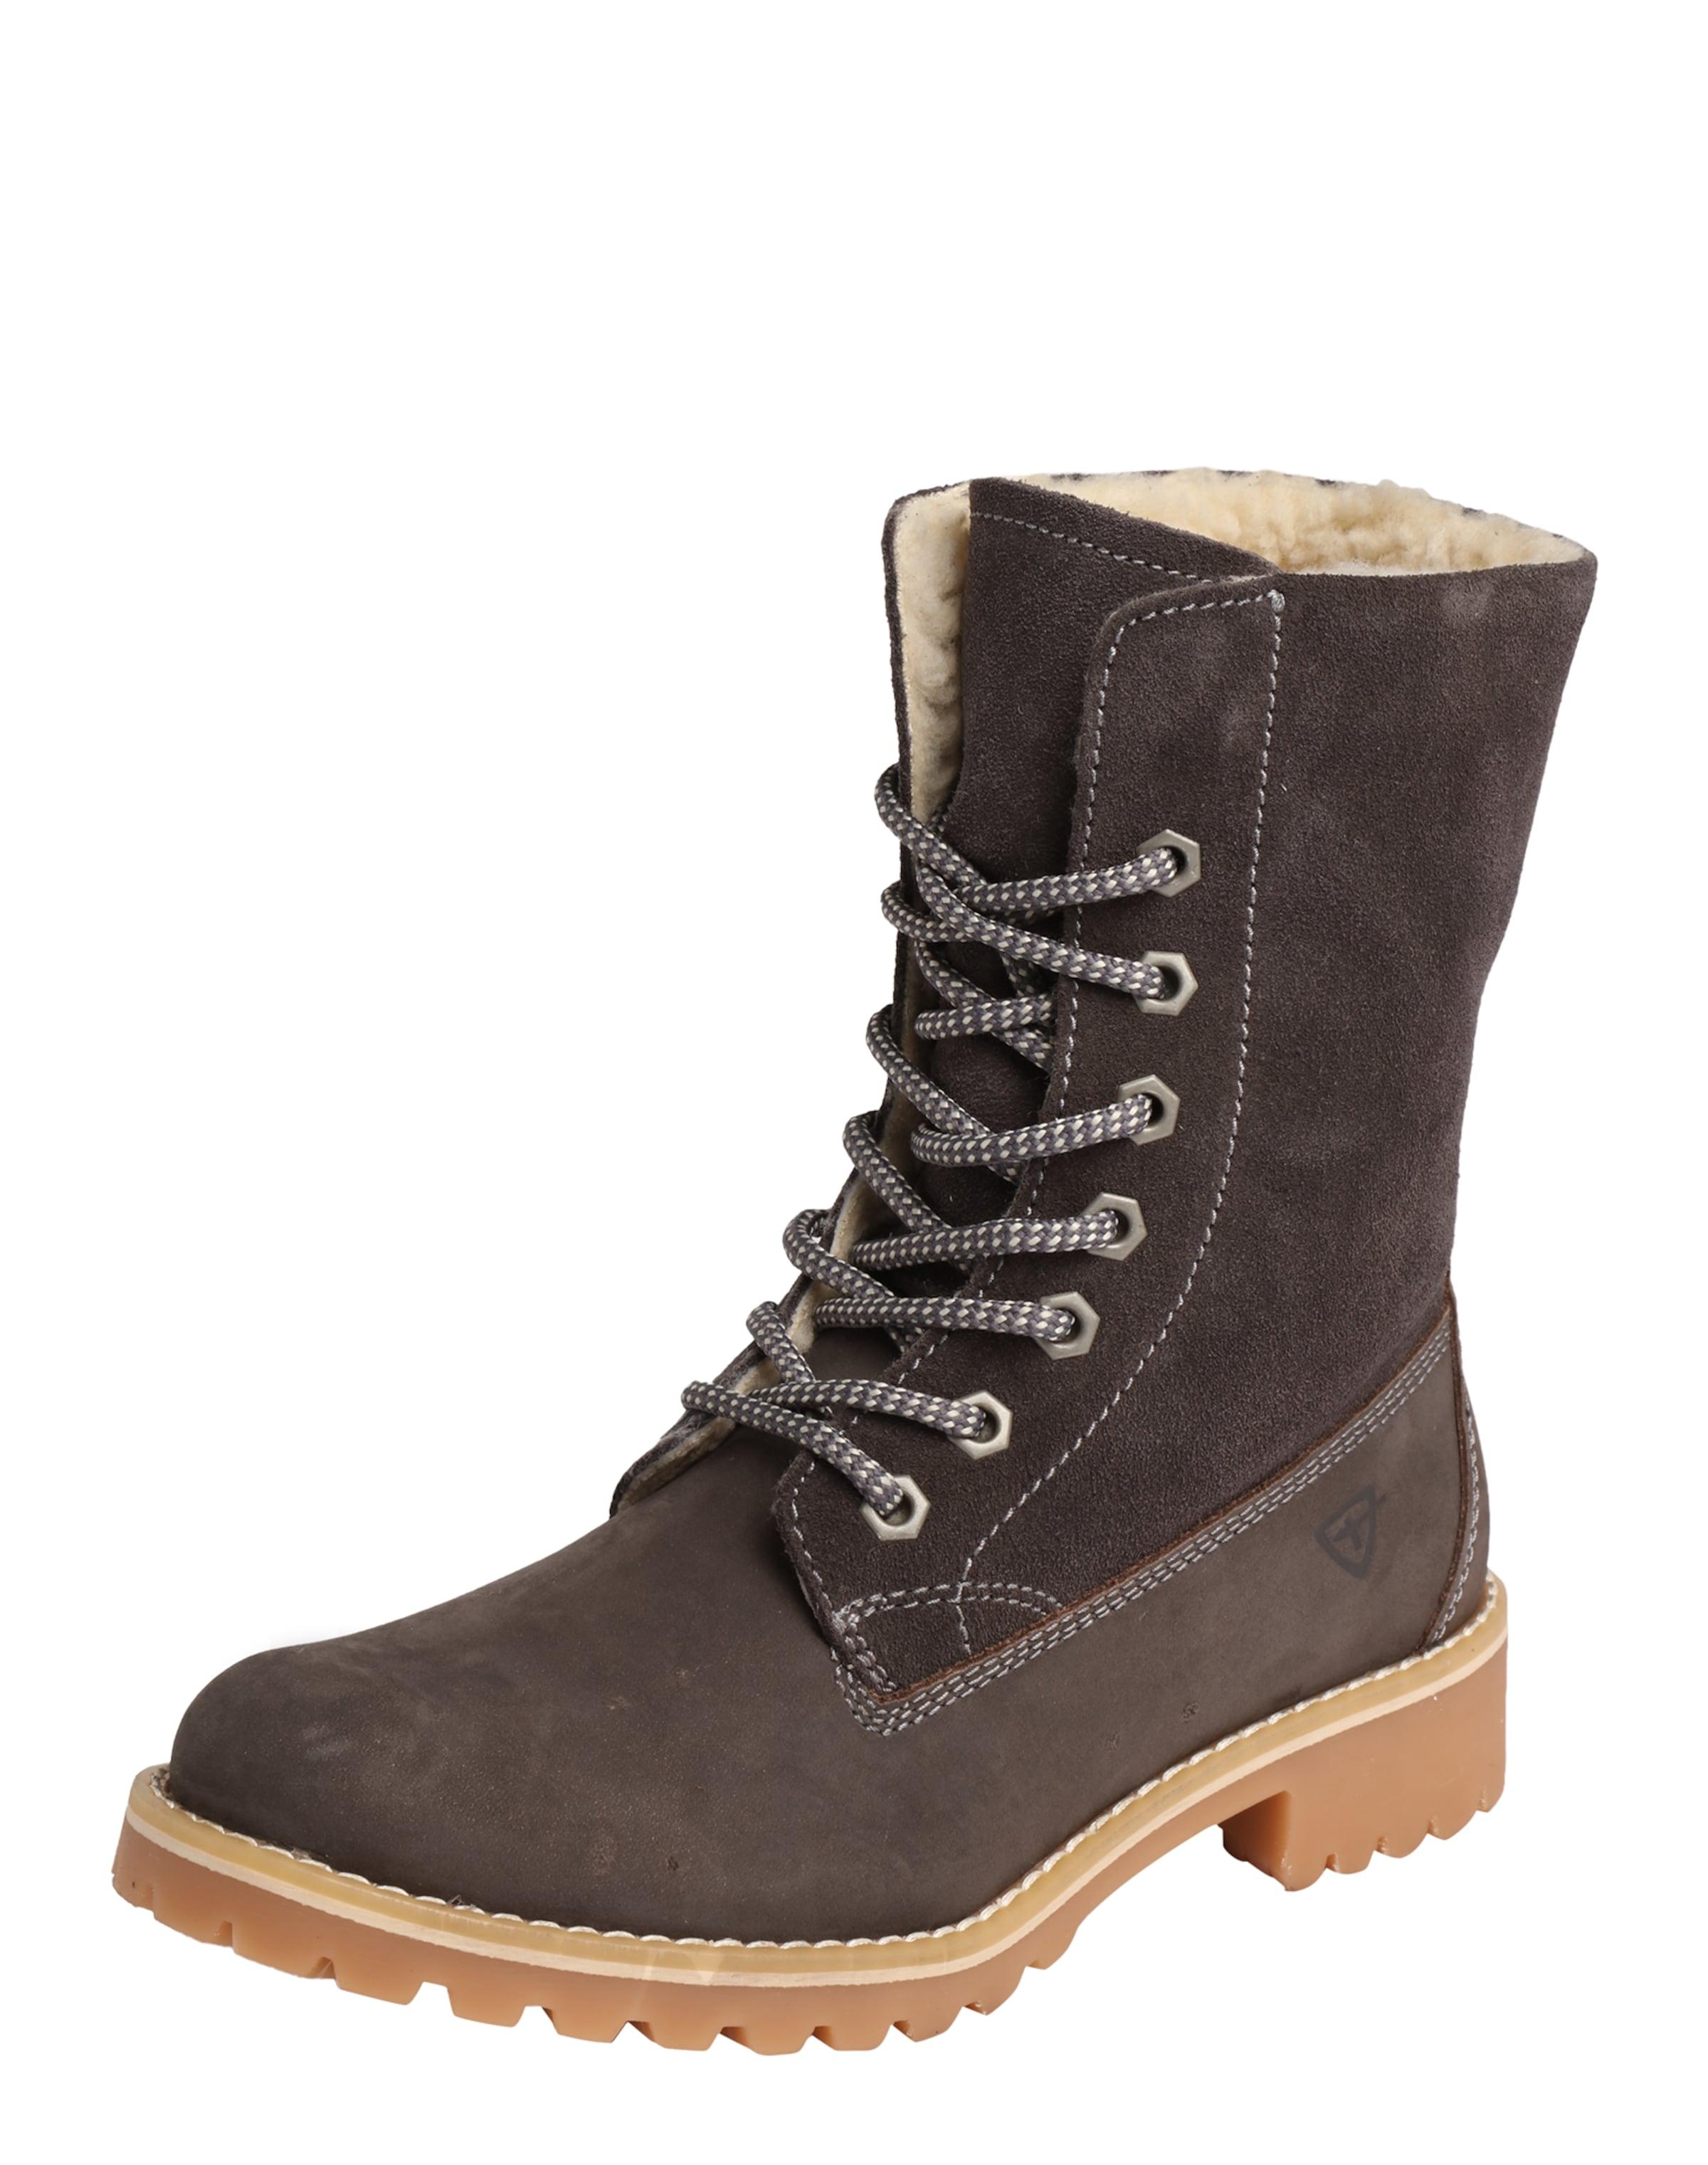 TAMARIS Gefütterter Schnürstiefel Verschleißfeste billige Schuhe